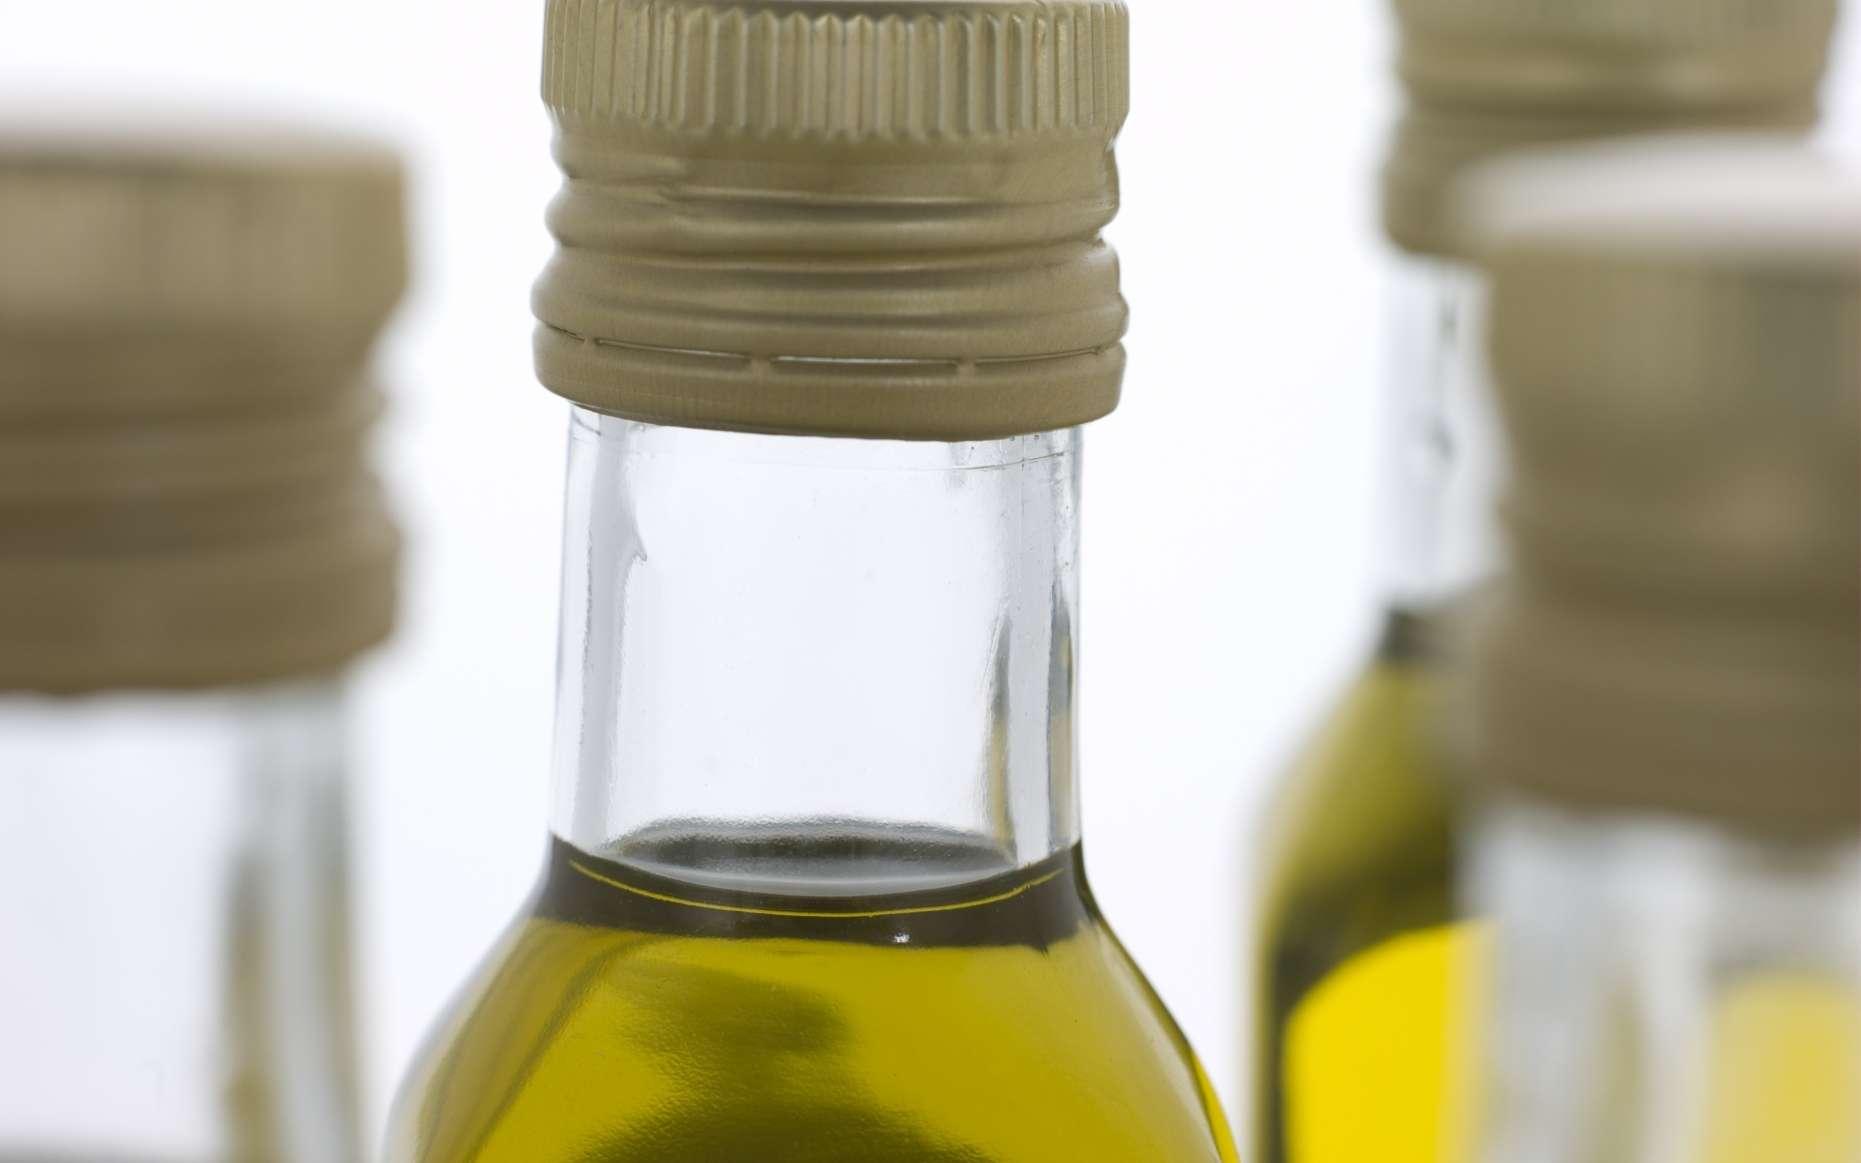 L'huile de ricin est vermifuge. © Phovoir